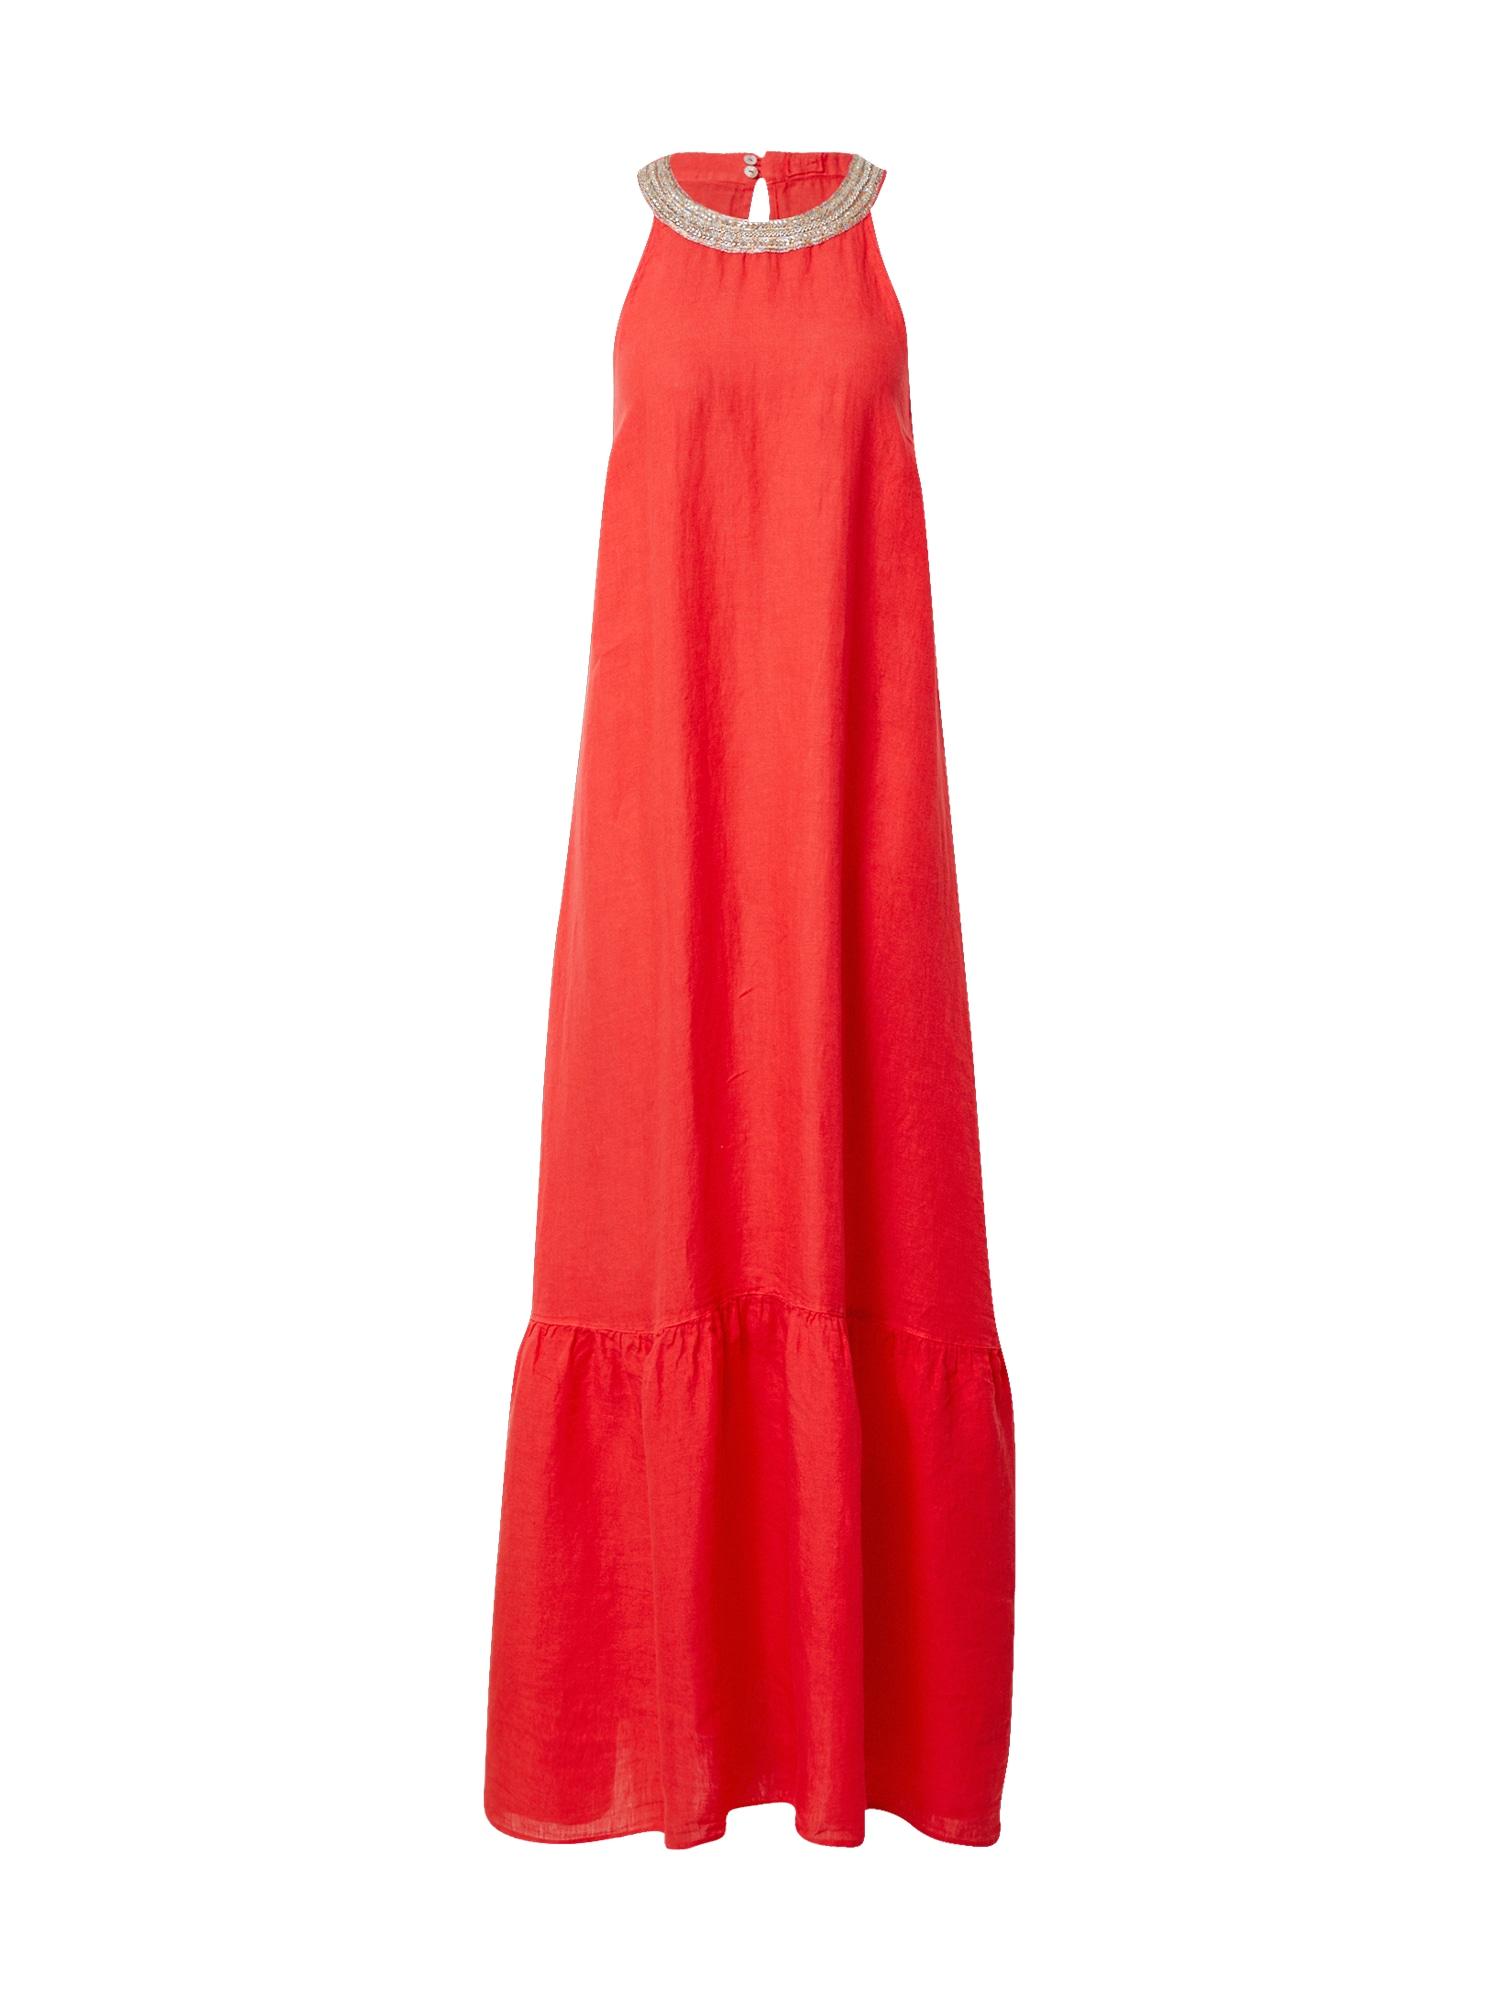 120% Lino Suknelė omarų spalva